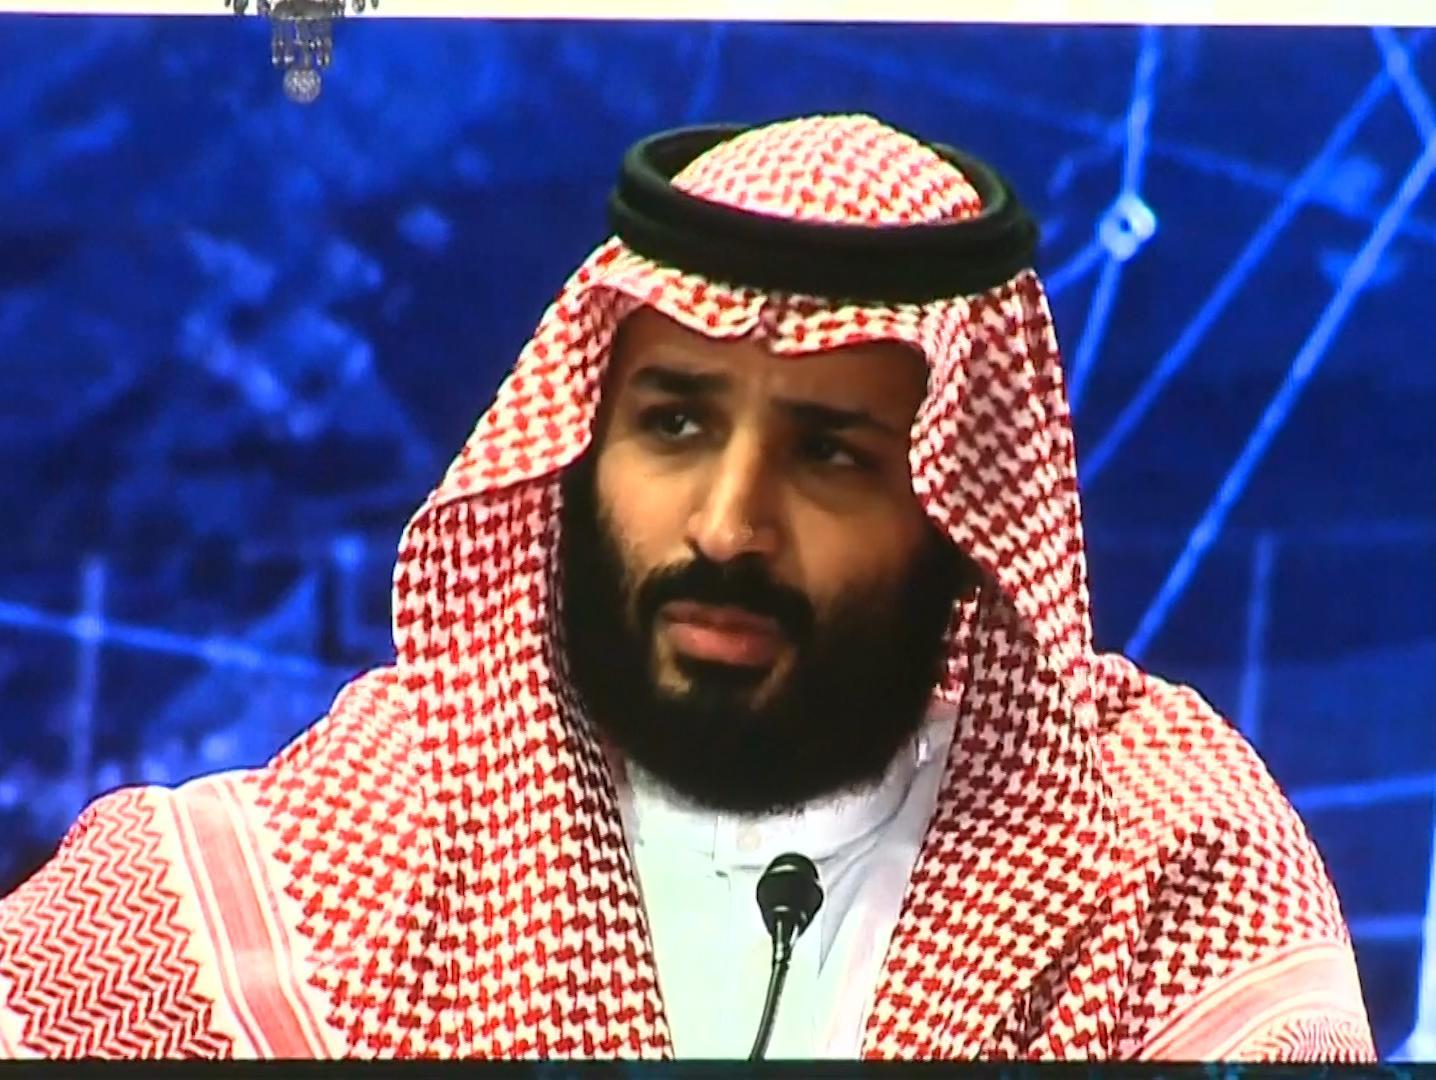 דיווח: ה-CIA קבע כי יורש העצר הסעודי הורה על רצח העיתונאי